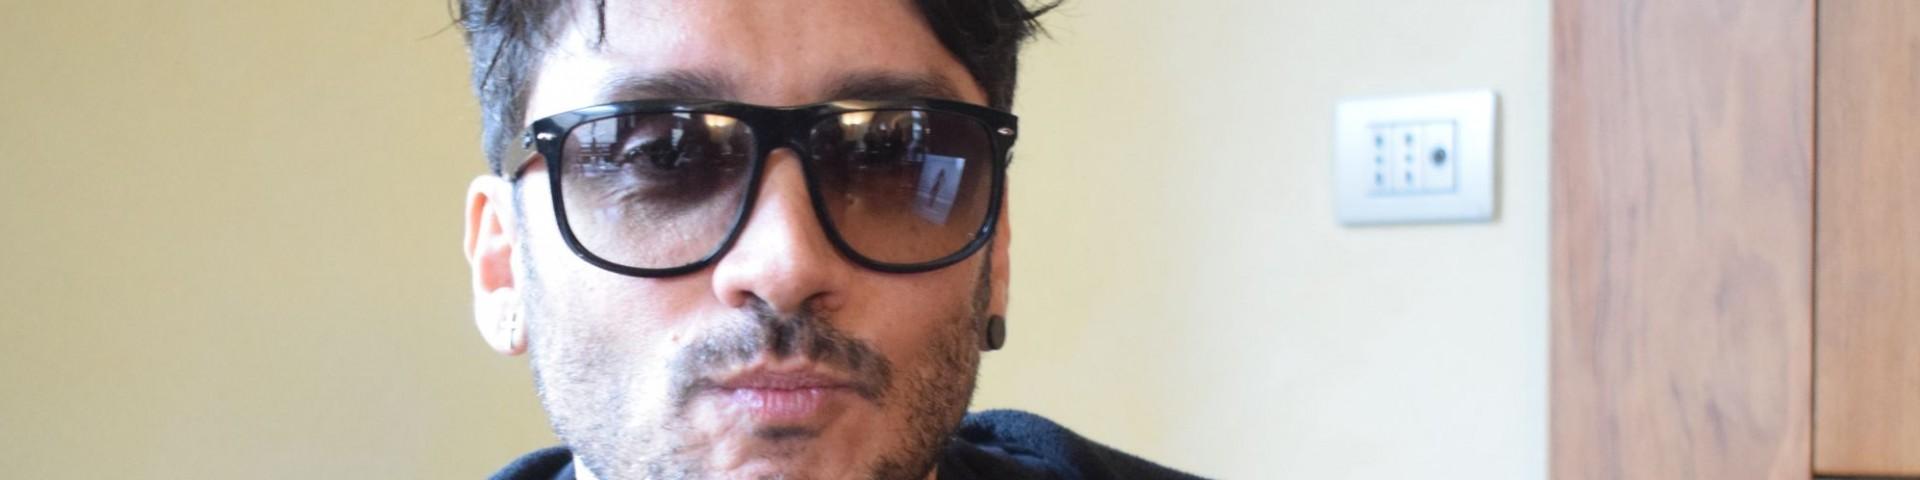 """Fabrizio Moro: """"'Figli di nessuno' è un lavoro benedetto"""" - Video"""